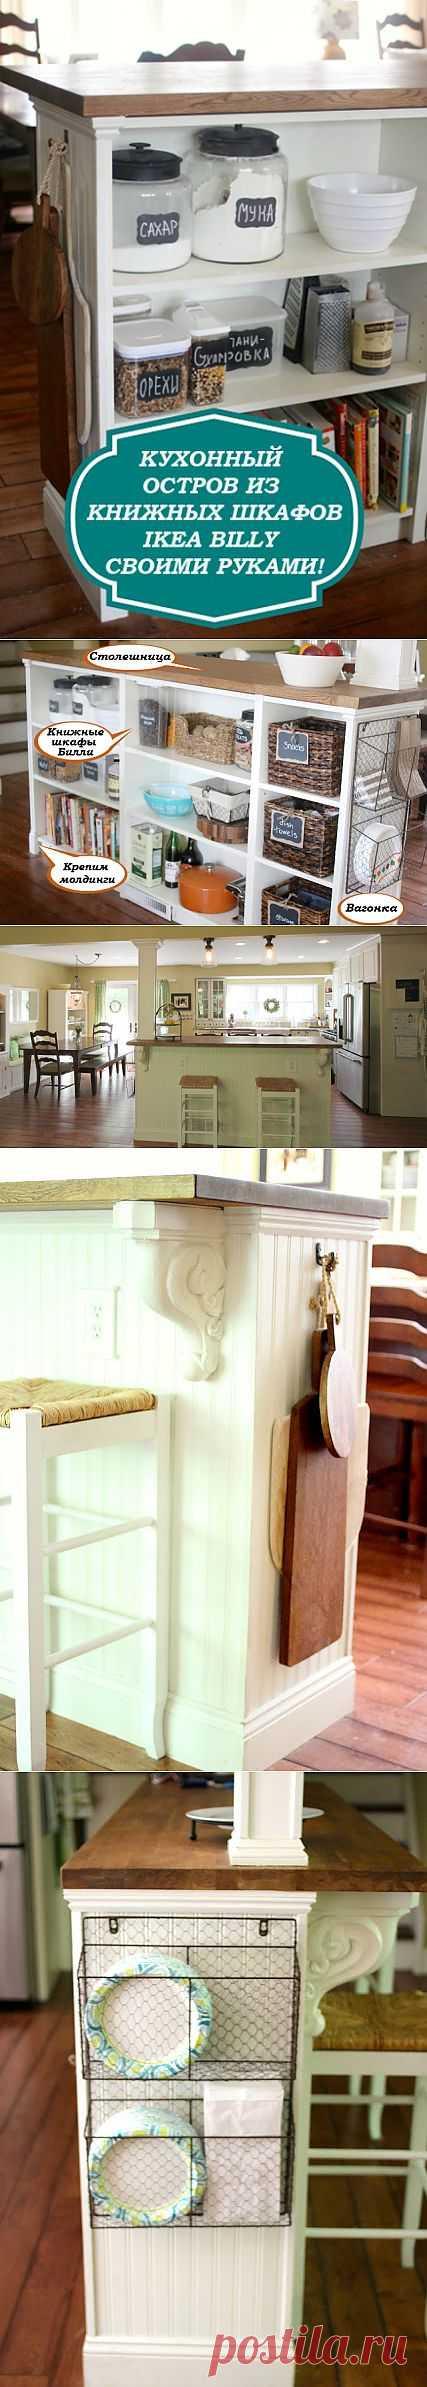 """Кухонный """"остров"""" из книжных шкафов"""